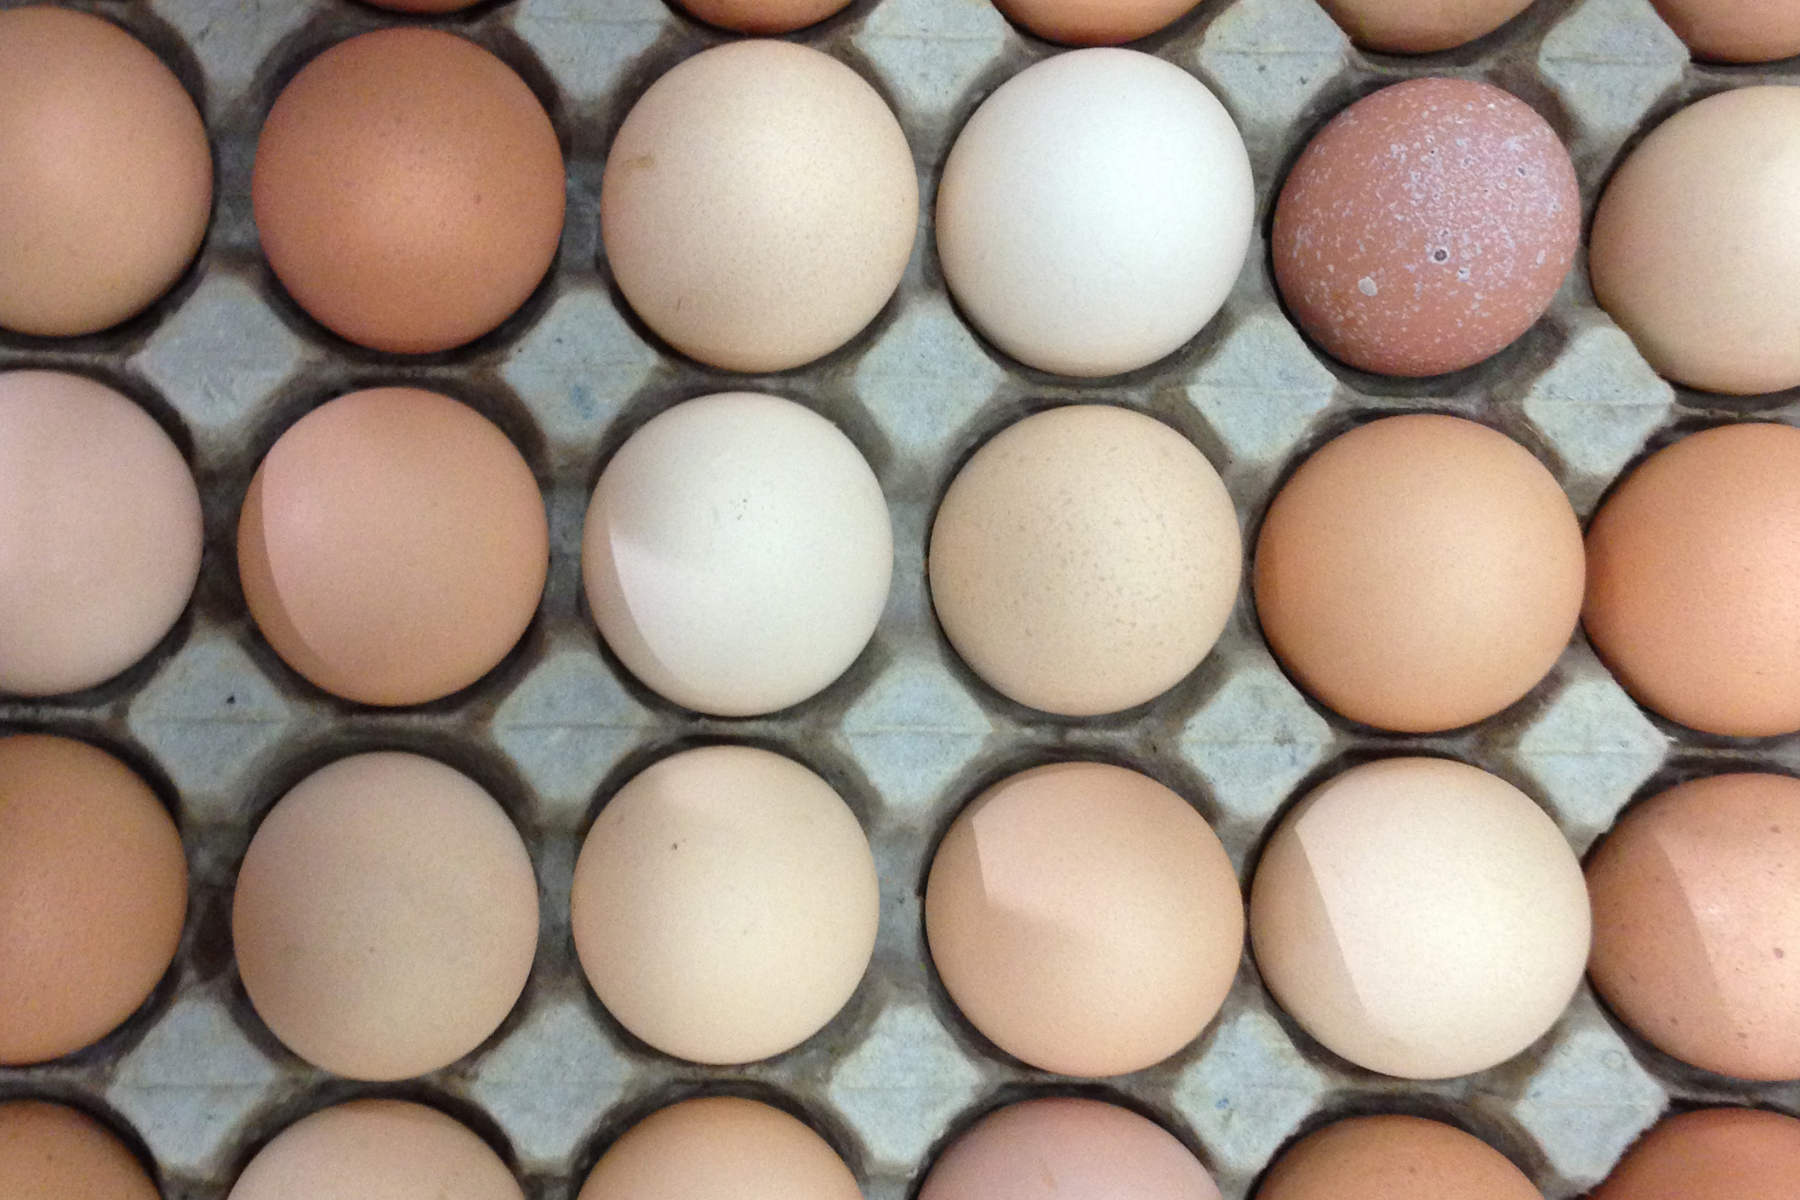 Local, Pasture-Raised Eggs